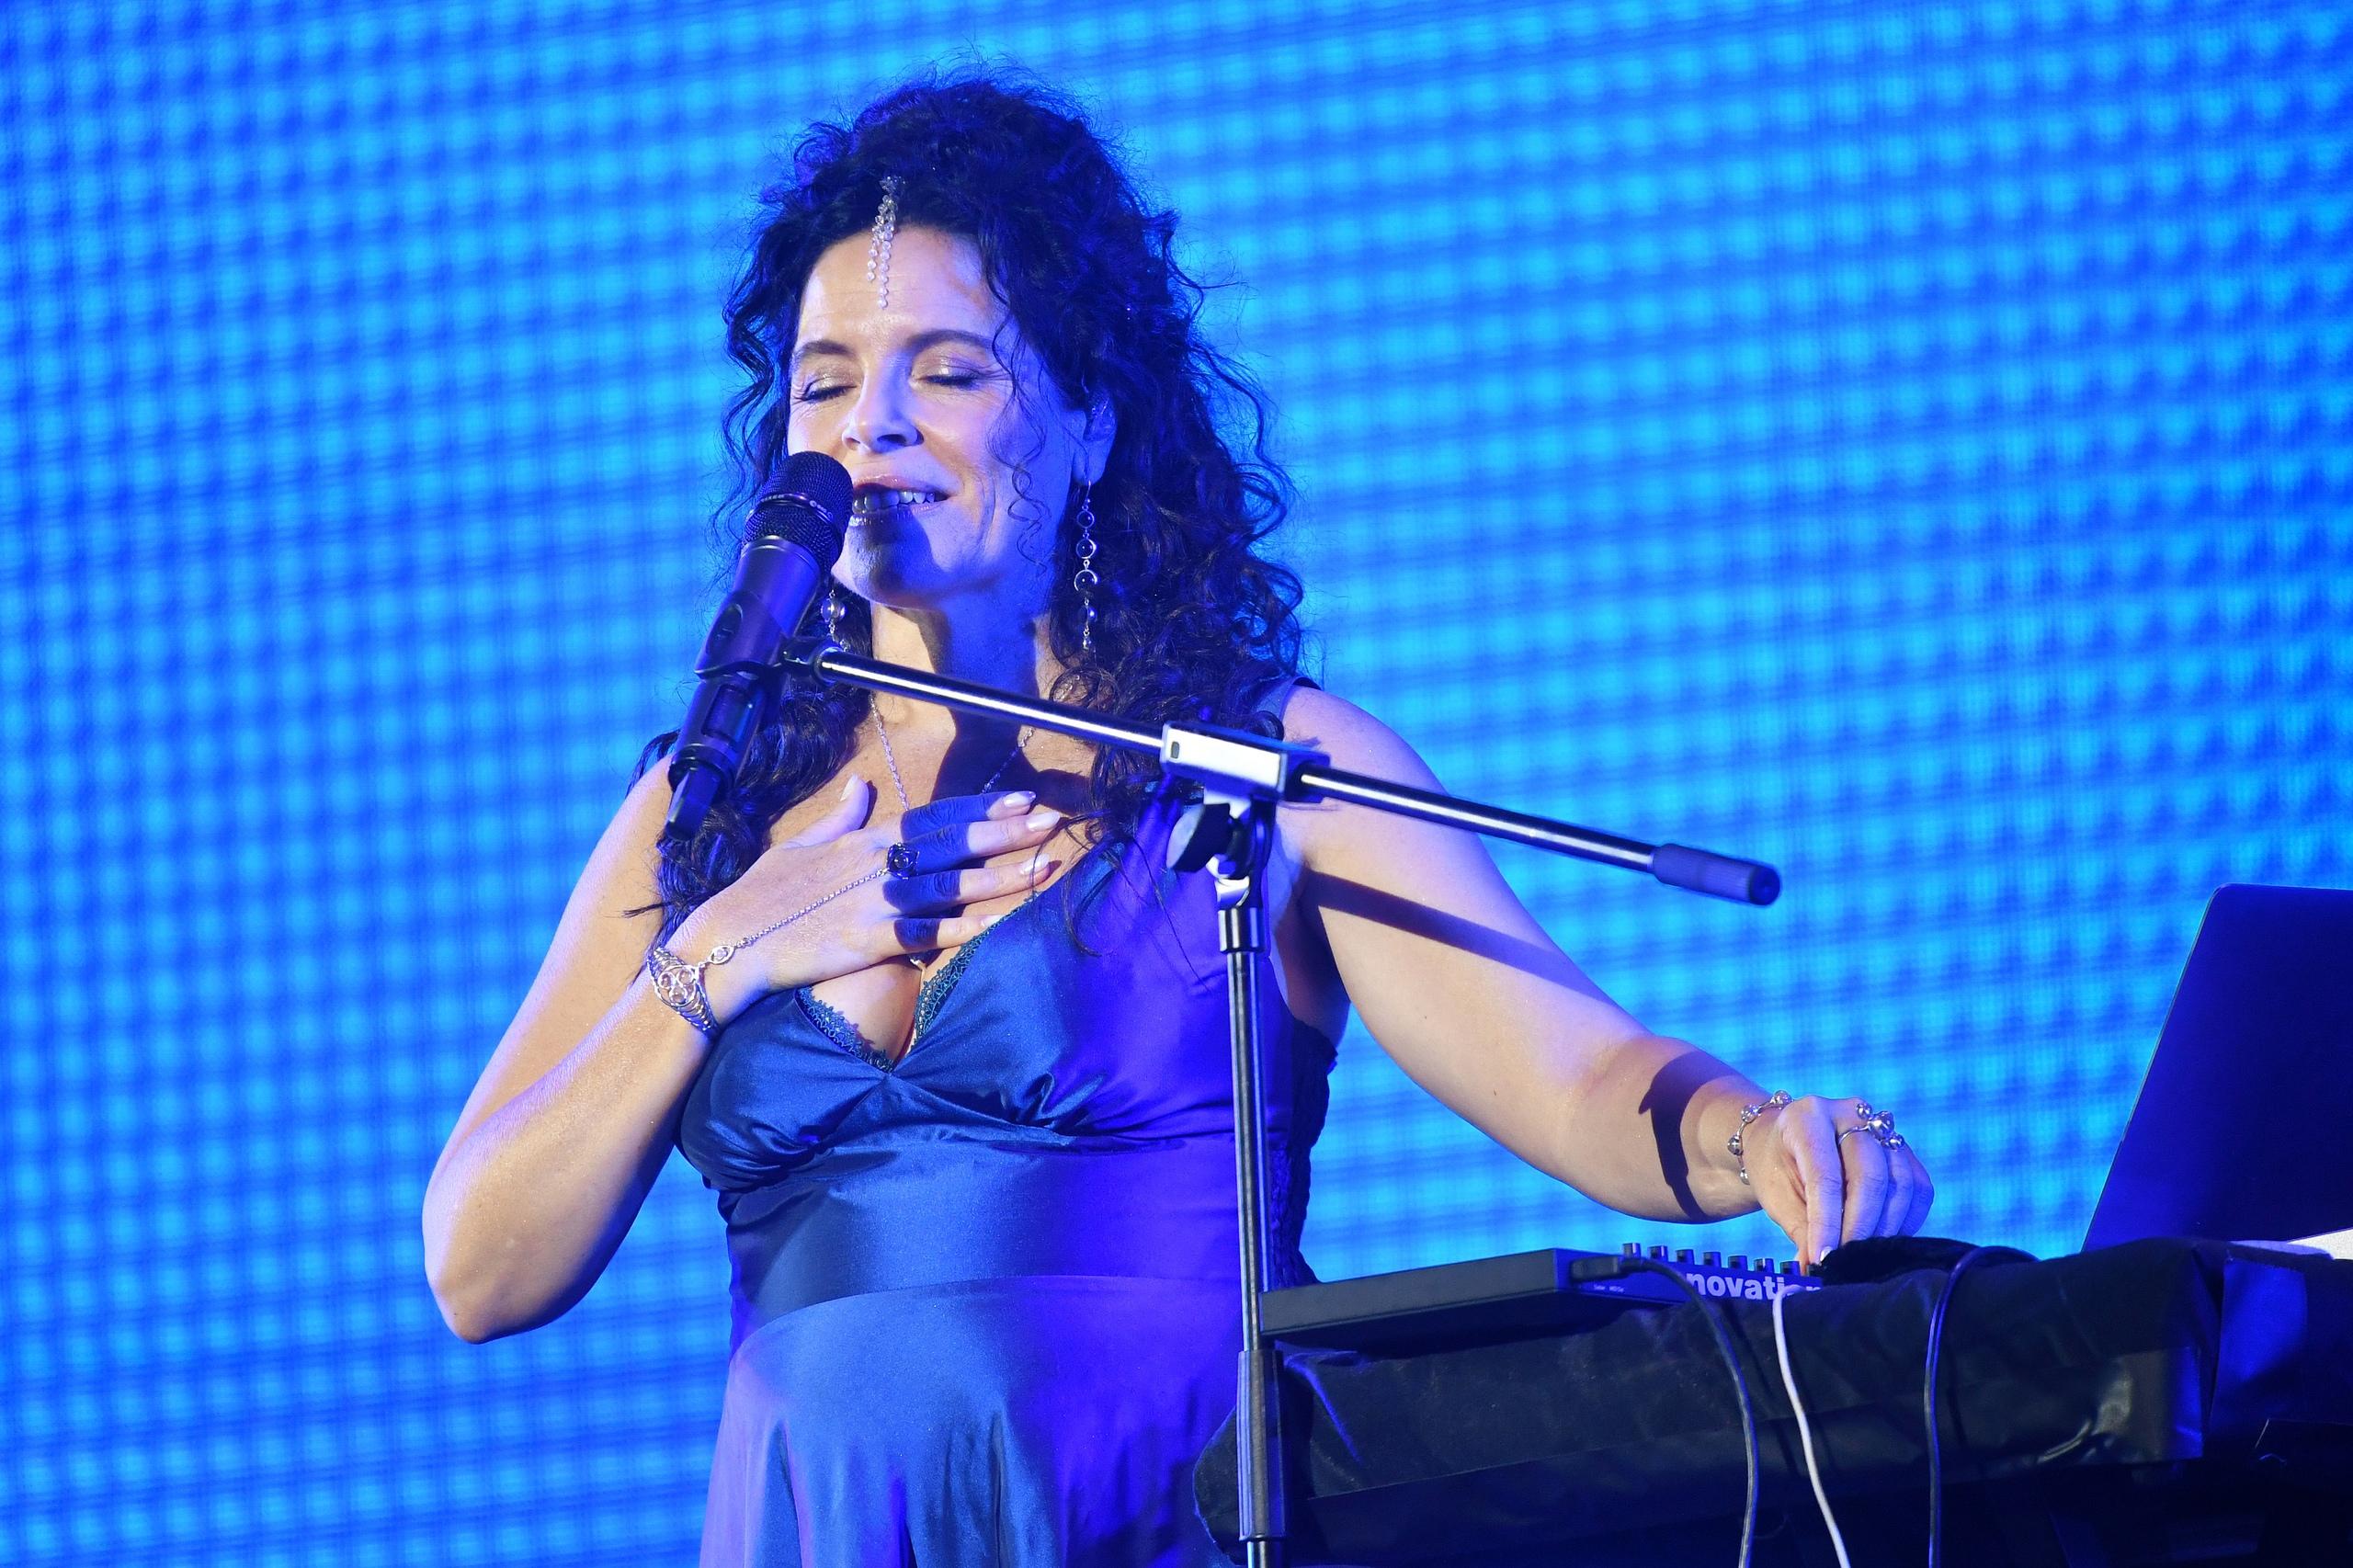 3 октября 2021 года в Крокус Сити Холле состоялся единственный концерт-медитация Перукуа!